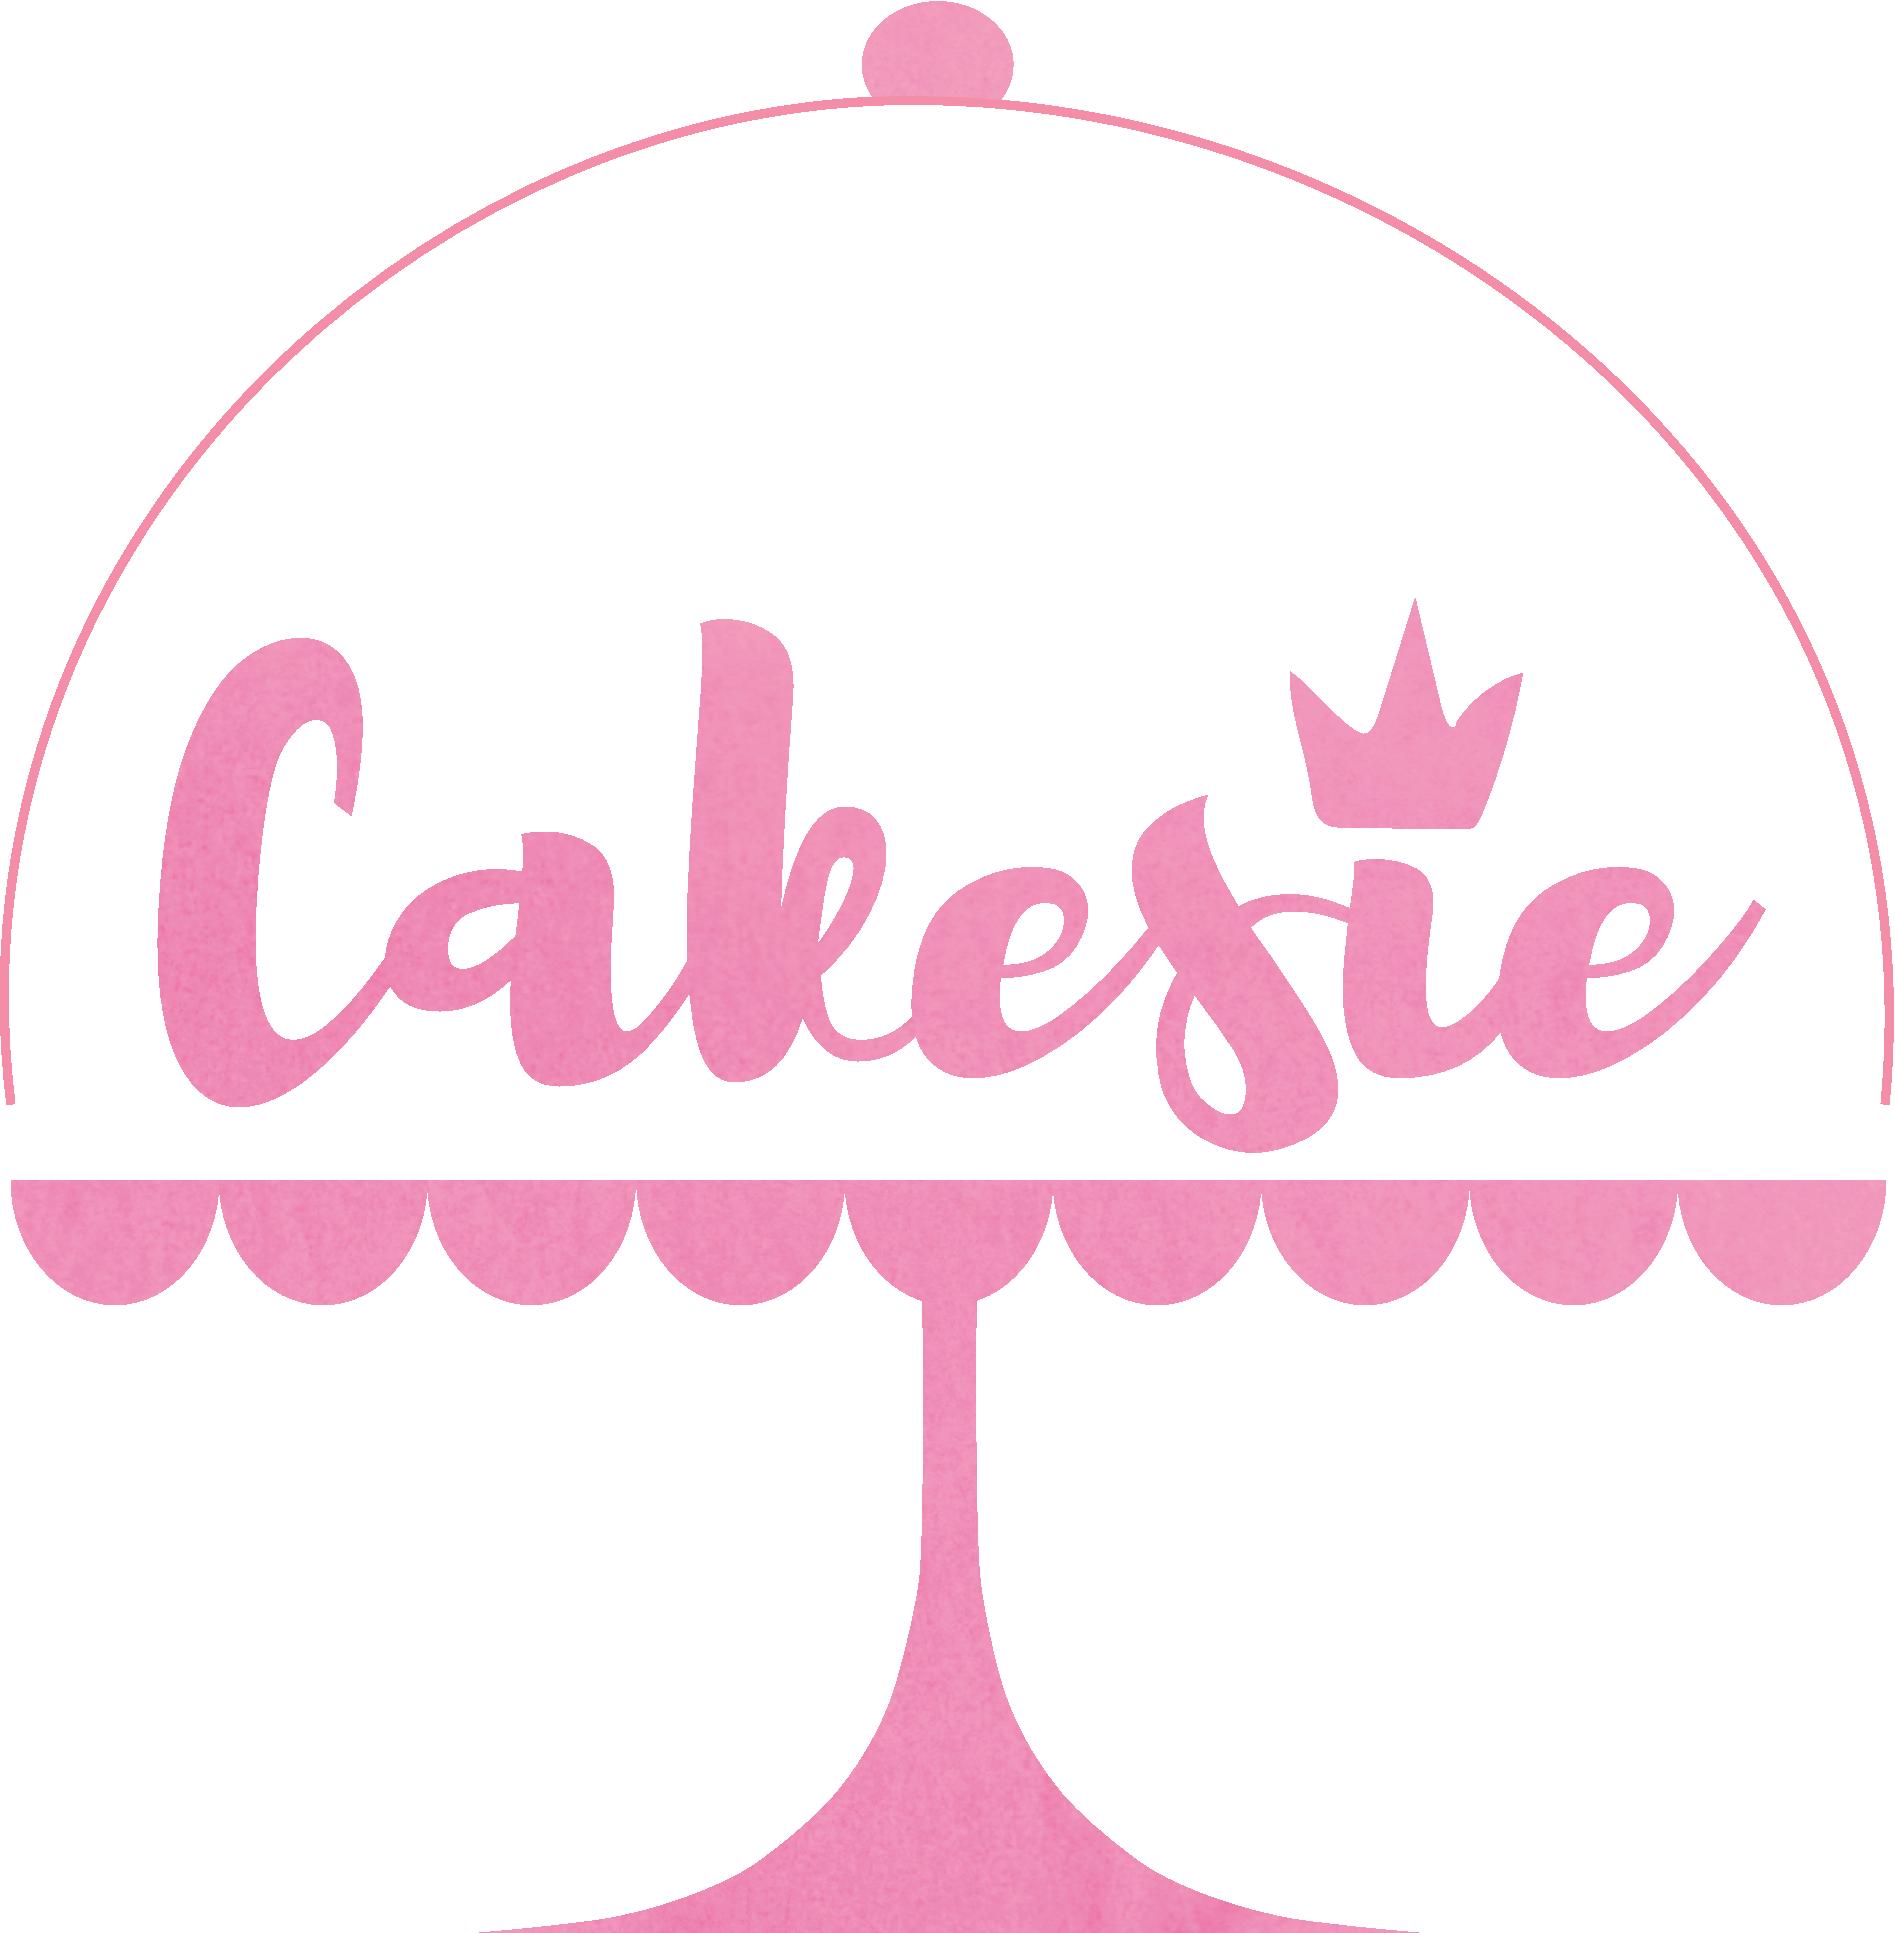 Cakesie logo